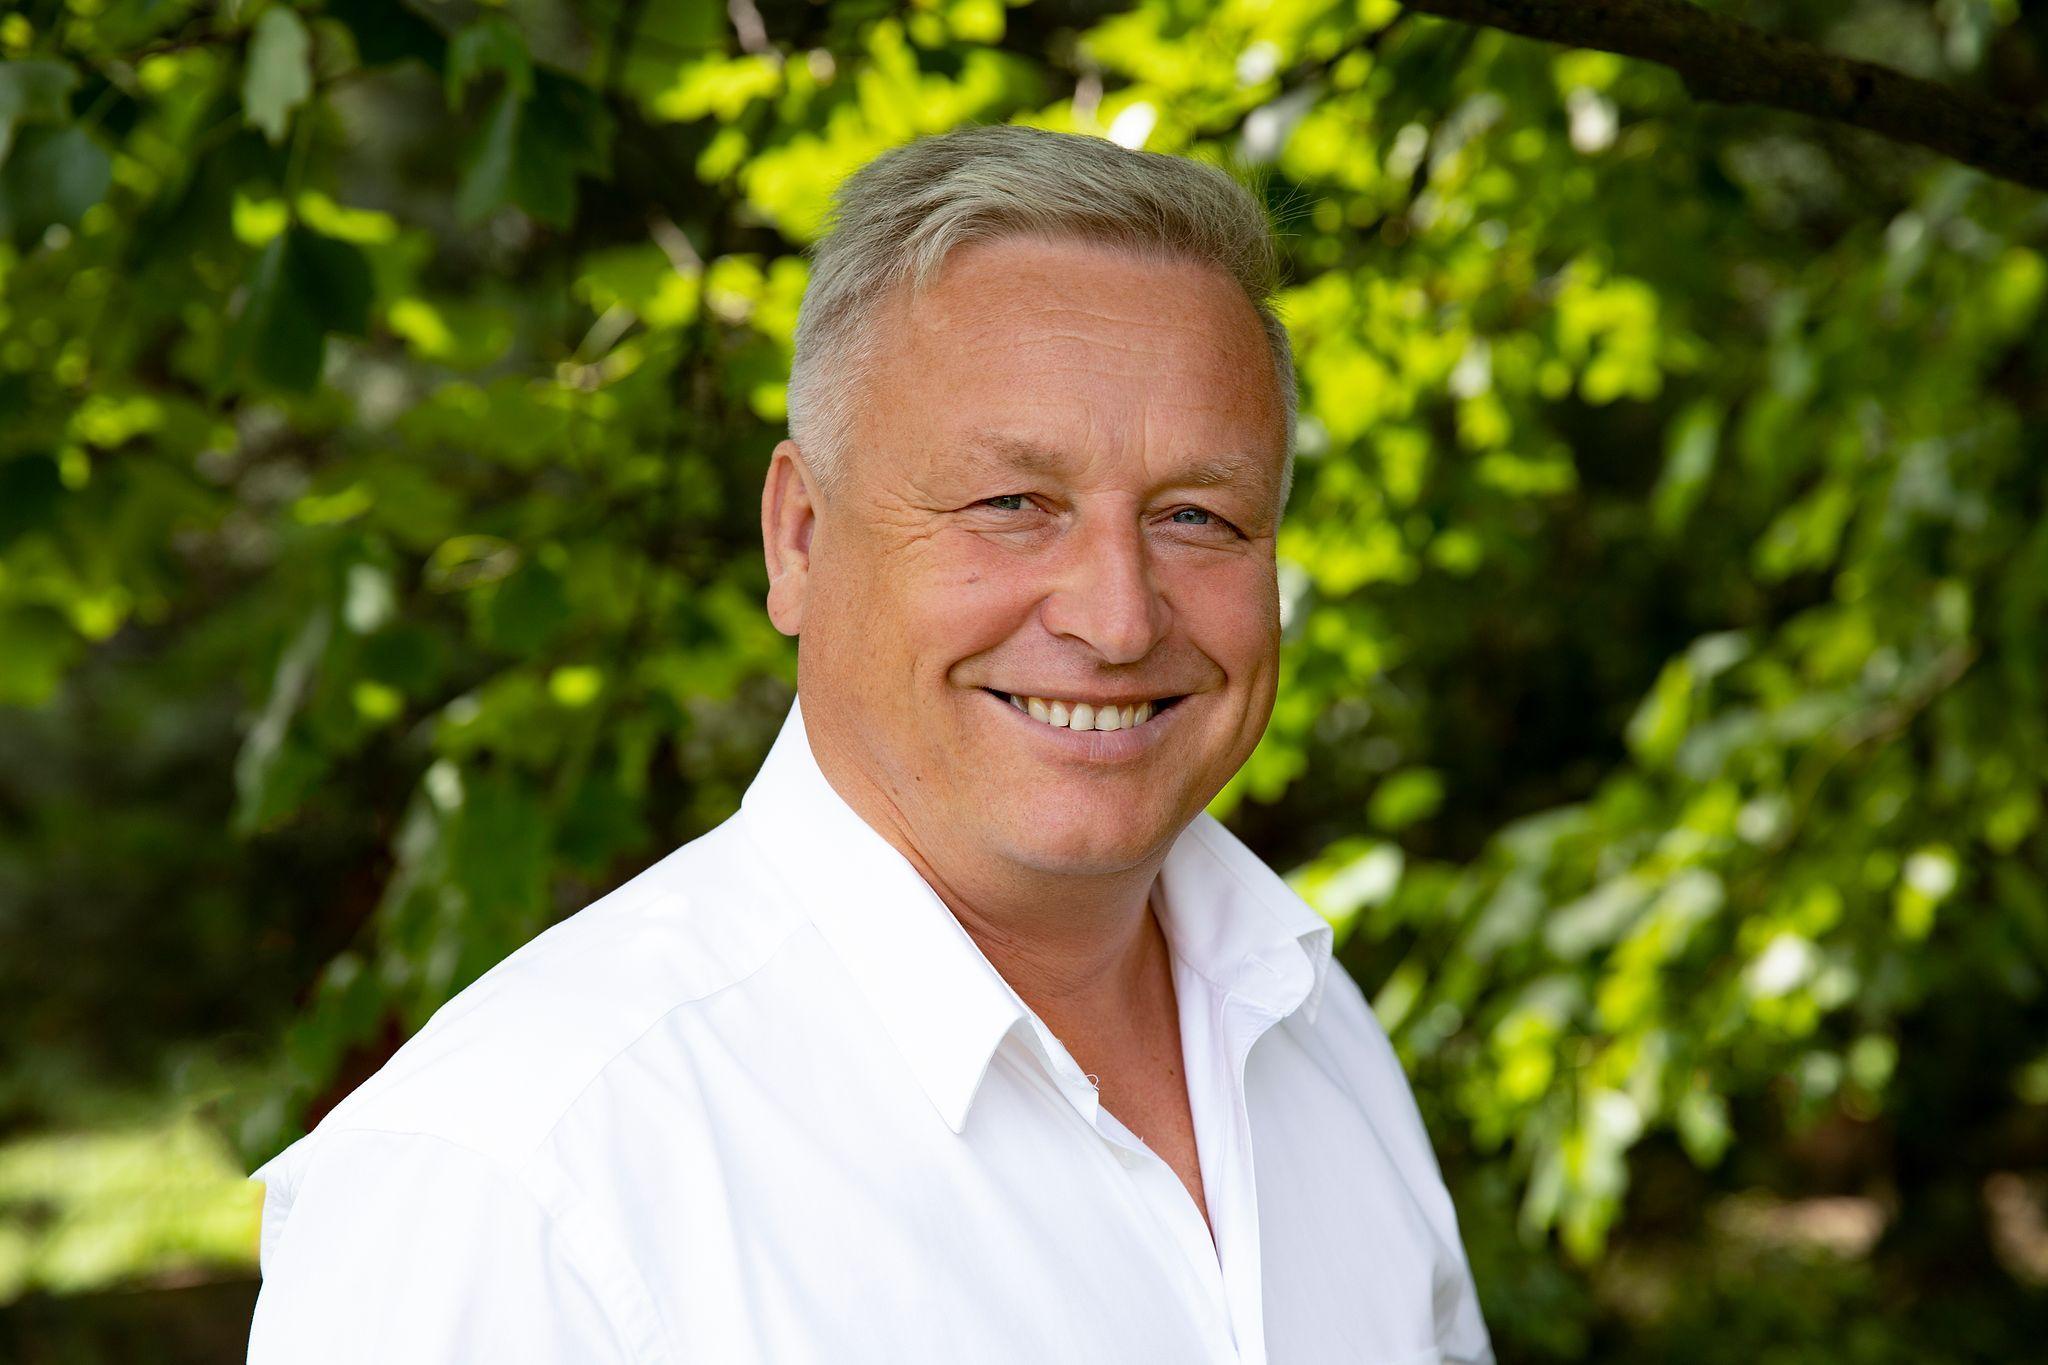 Wywiad z Maciejem Koźbiałem - kandydatem do Senatu RP